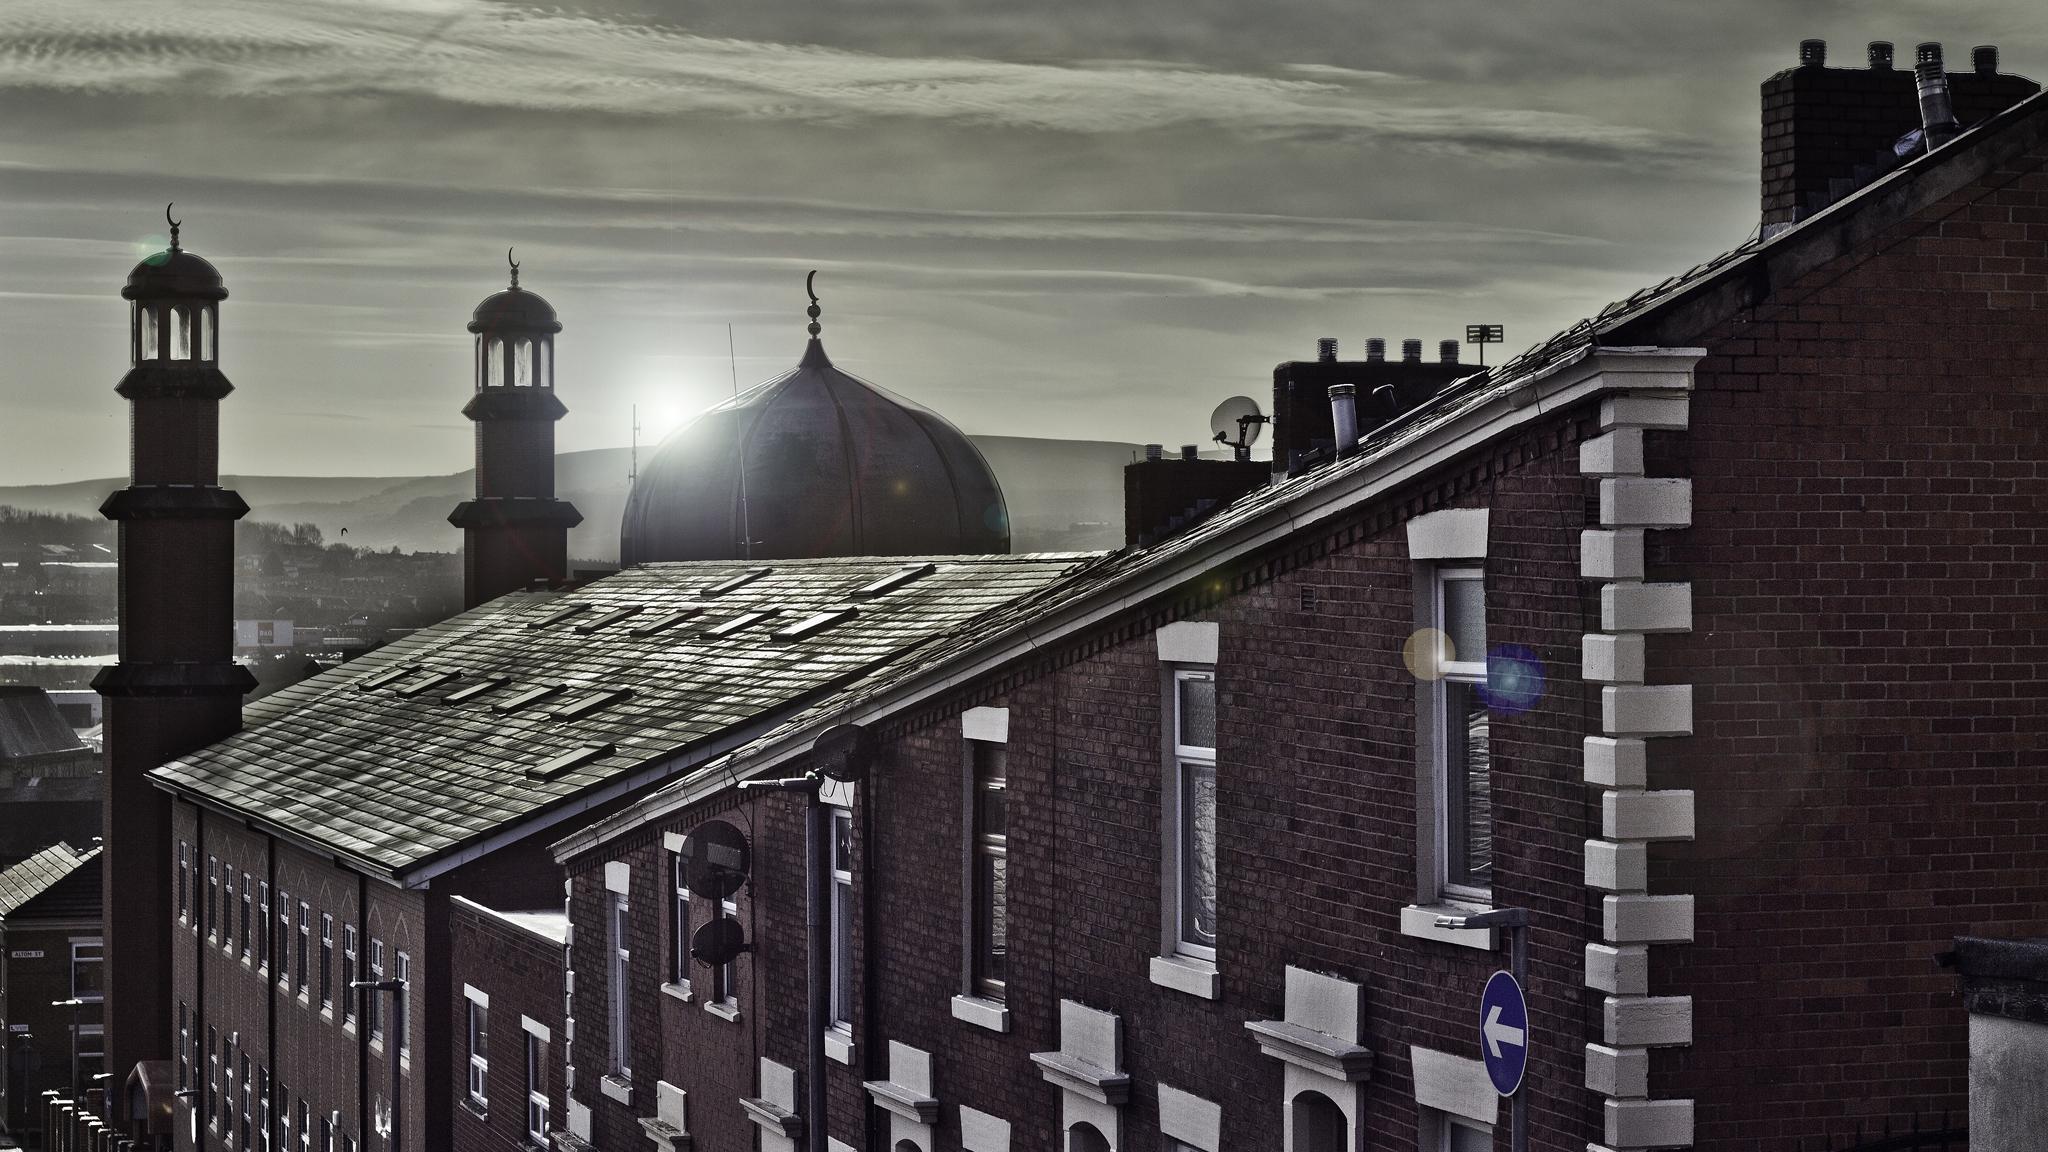 Blackburn: A town still divided?